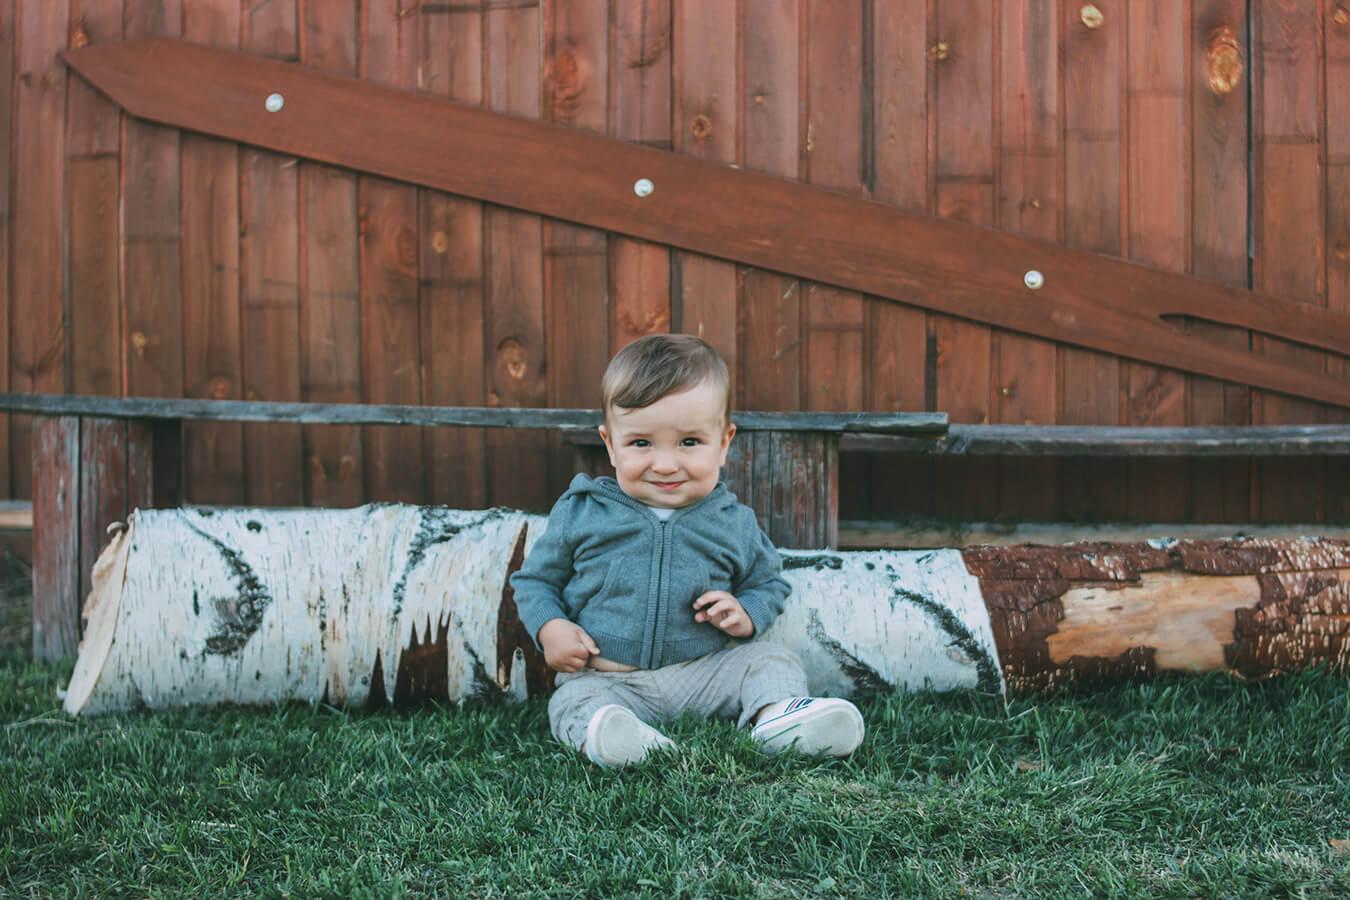 28 tygodniowe dziecko – Jak wygląda 28 tydzień życia dziecka?